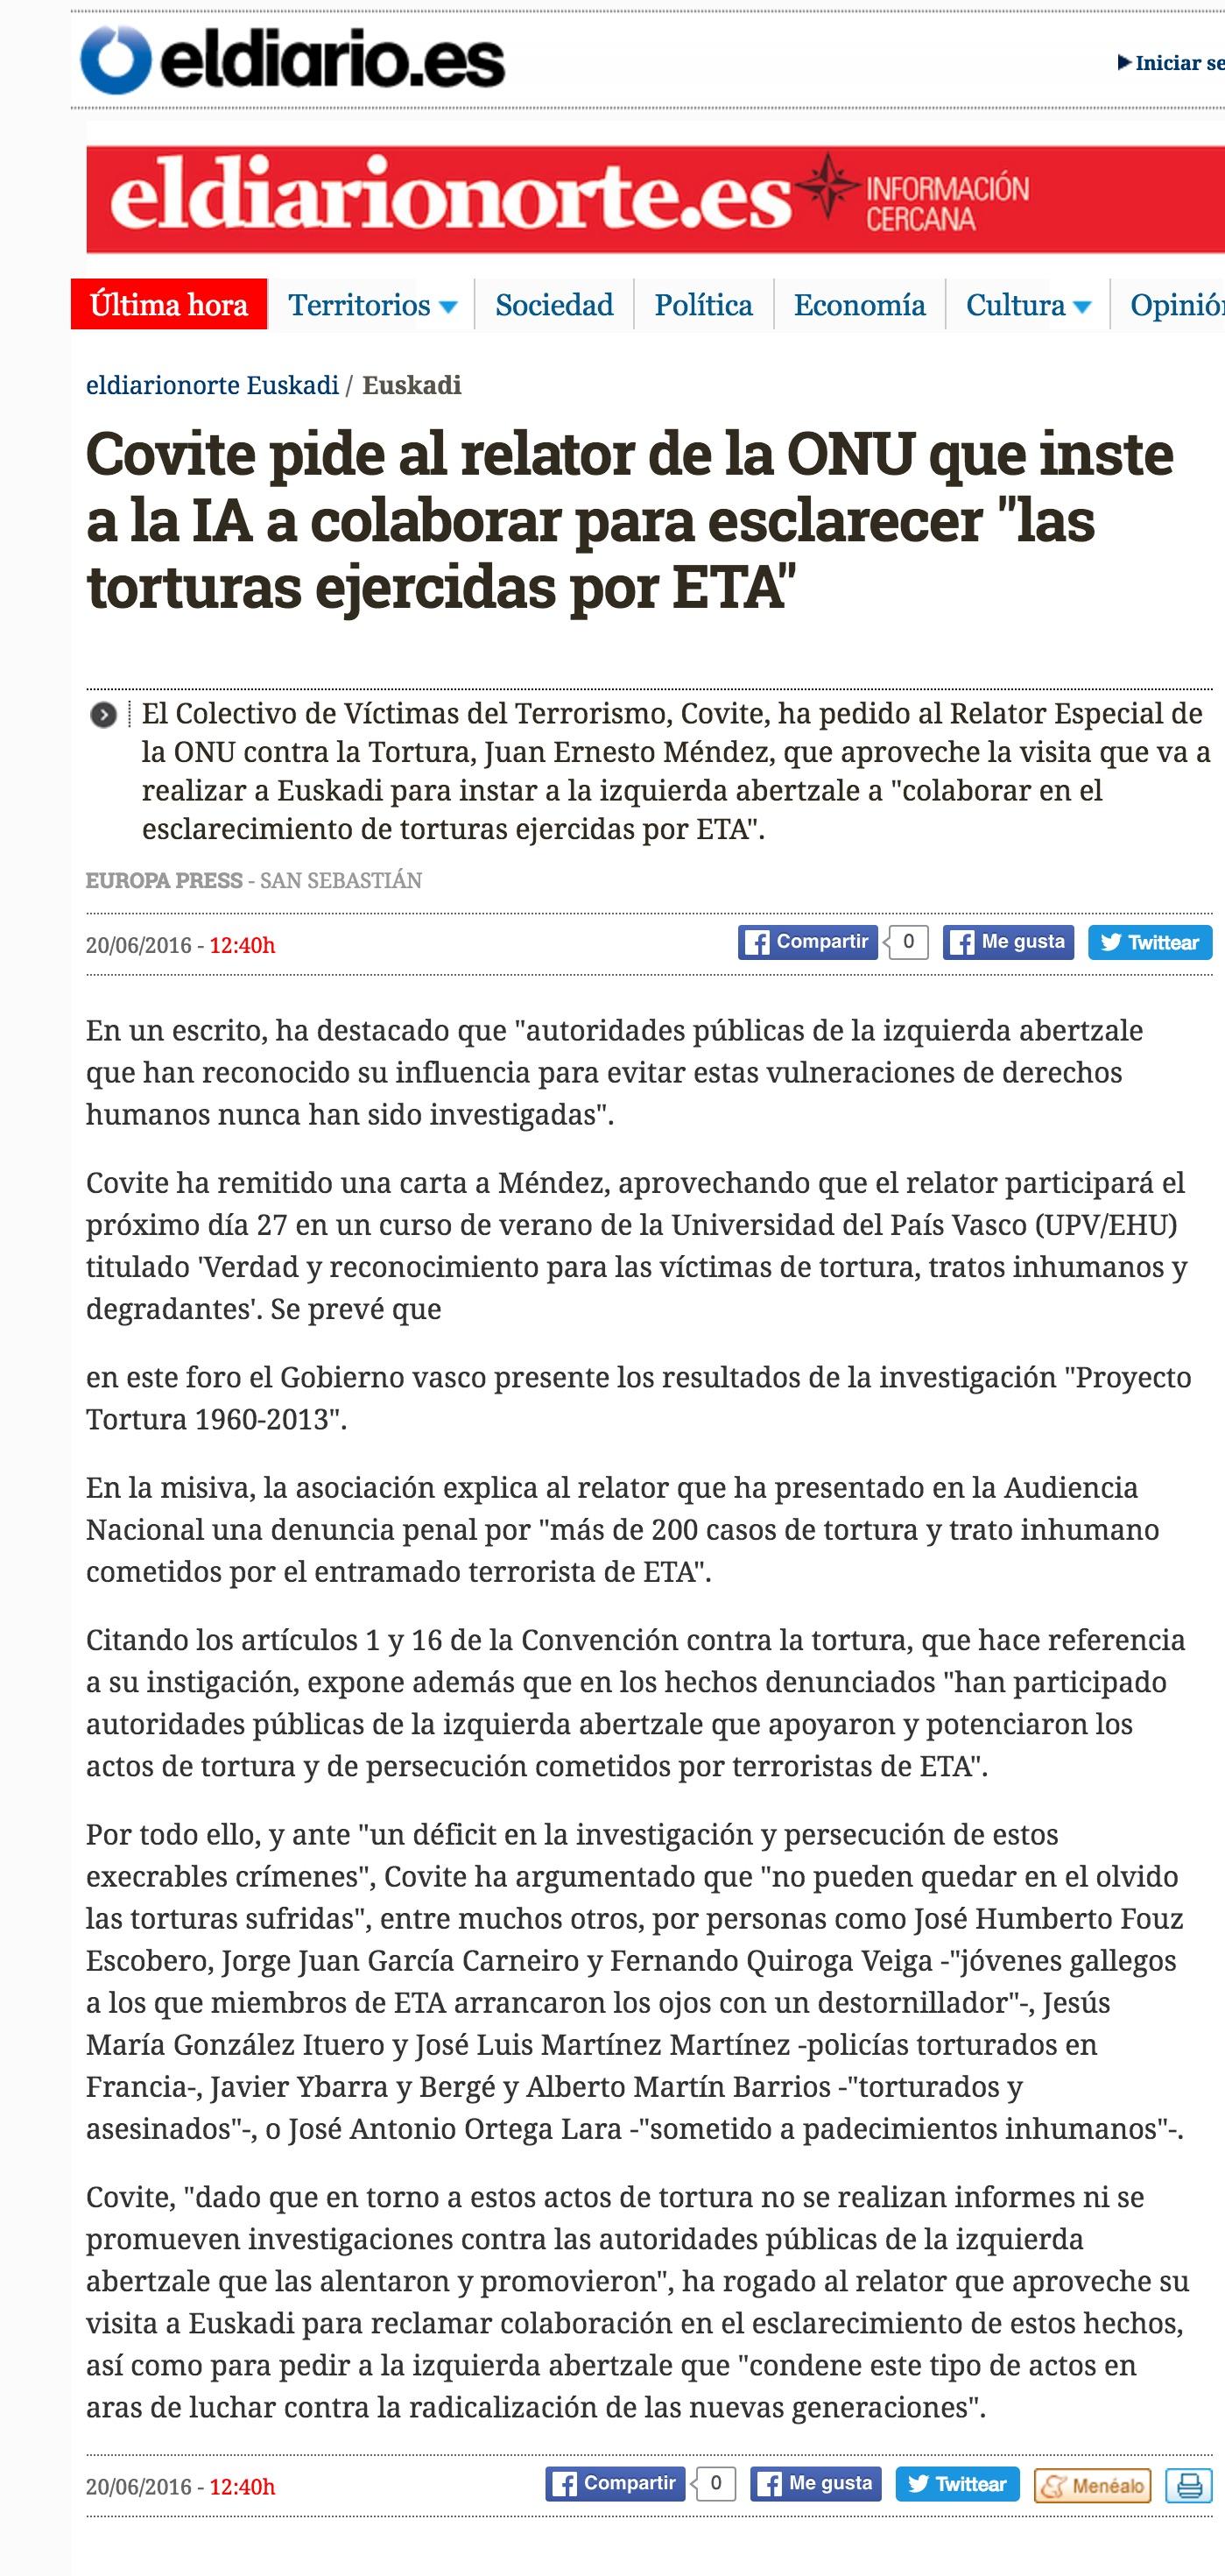 eldiario_relator